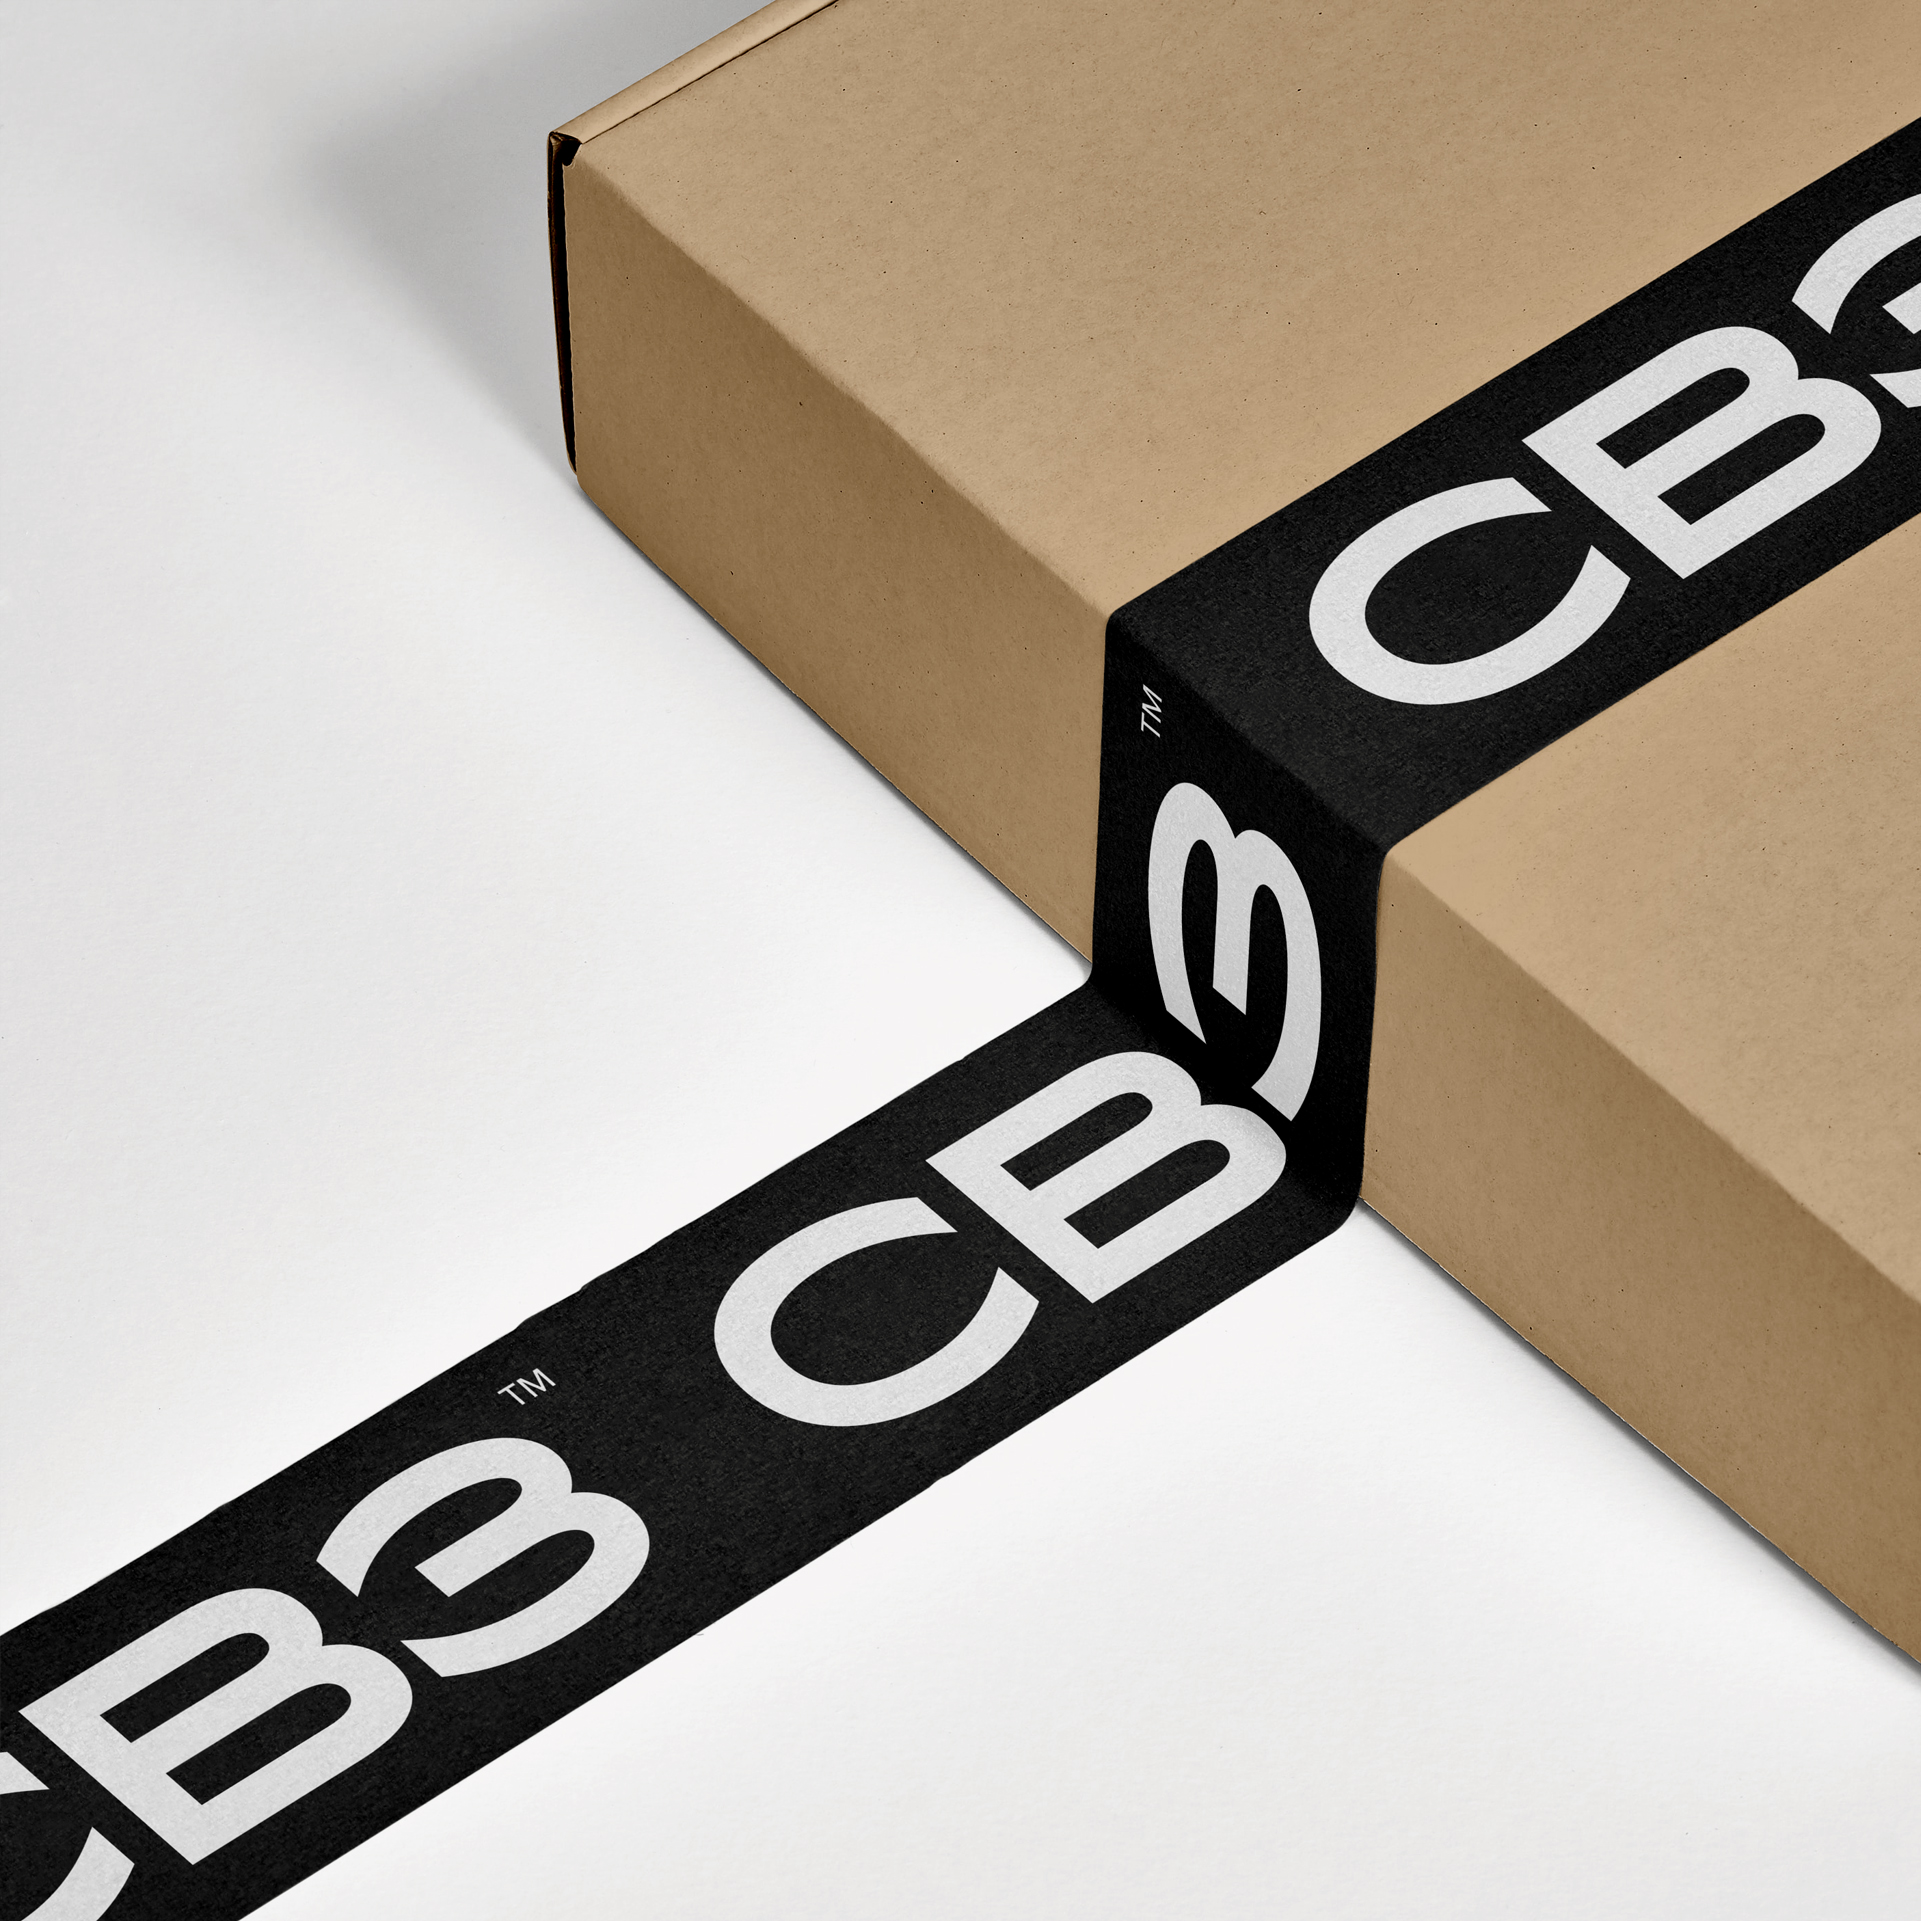 Identidad visual y packaging